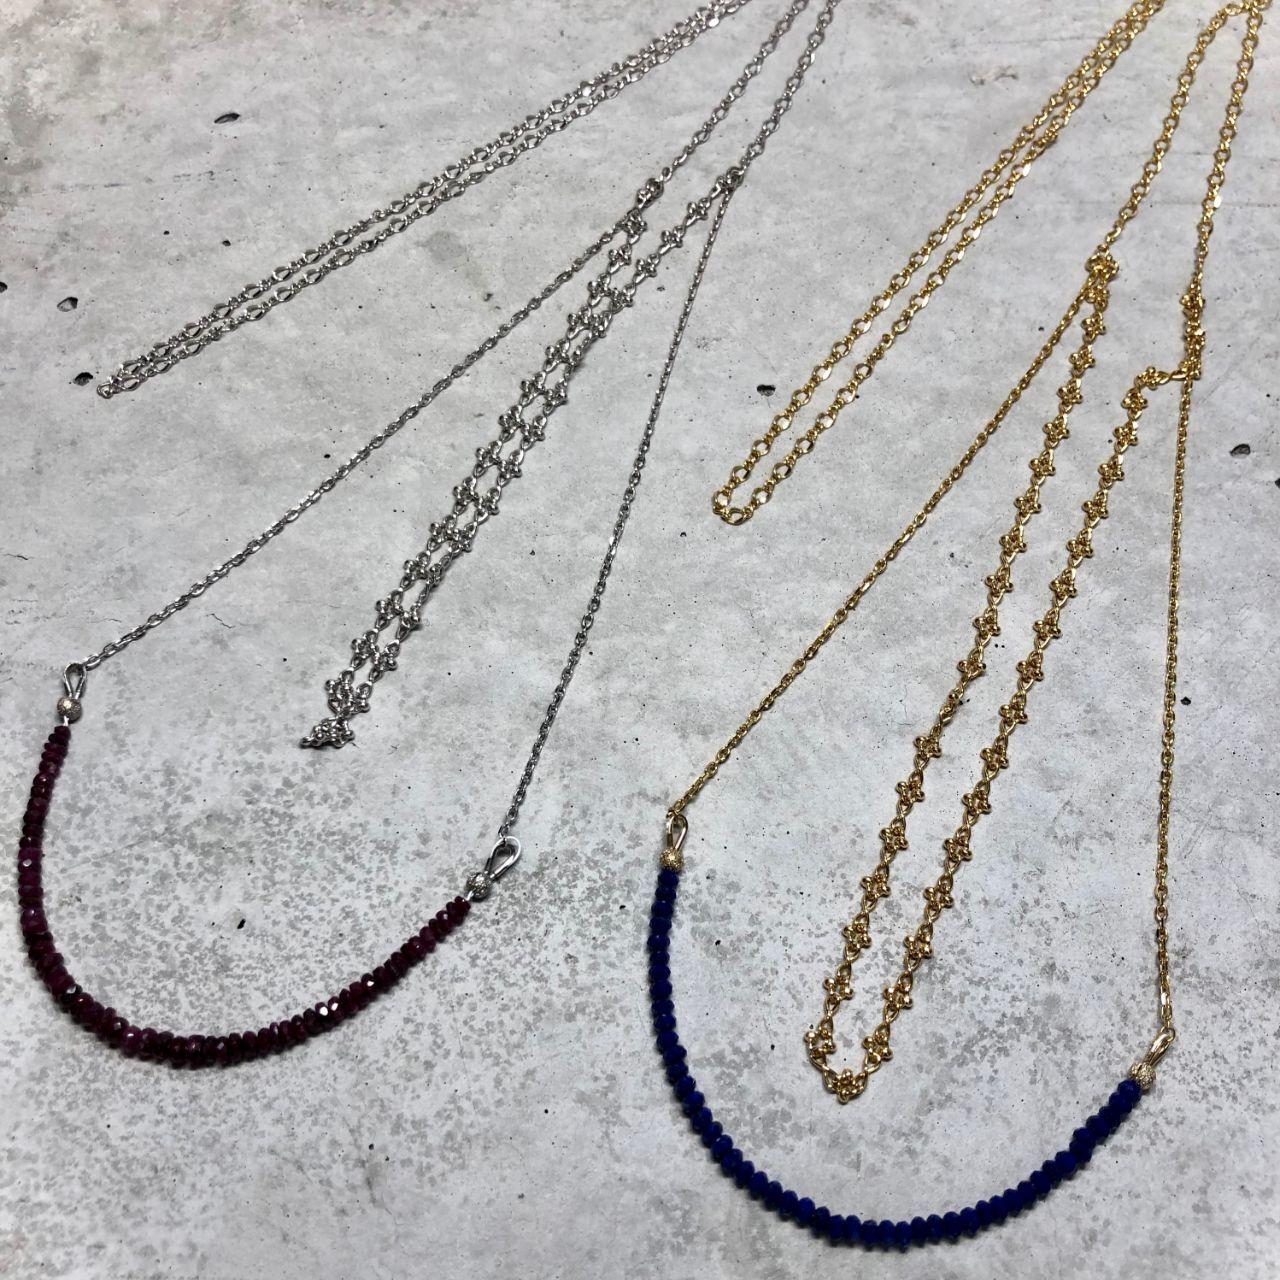 【LN-5BR】Ruby necklace【LN-6BR】Lapislazuli necklace